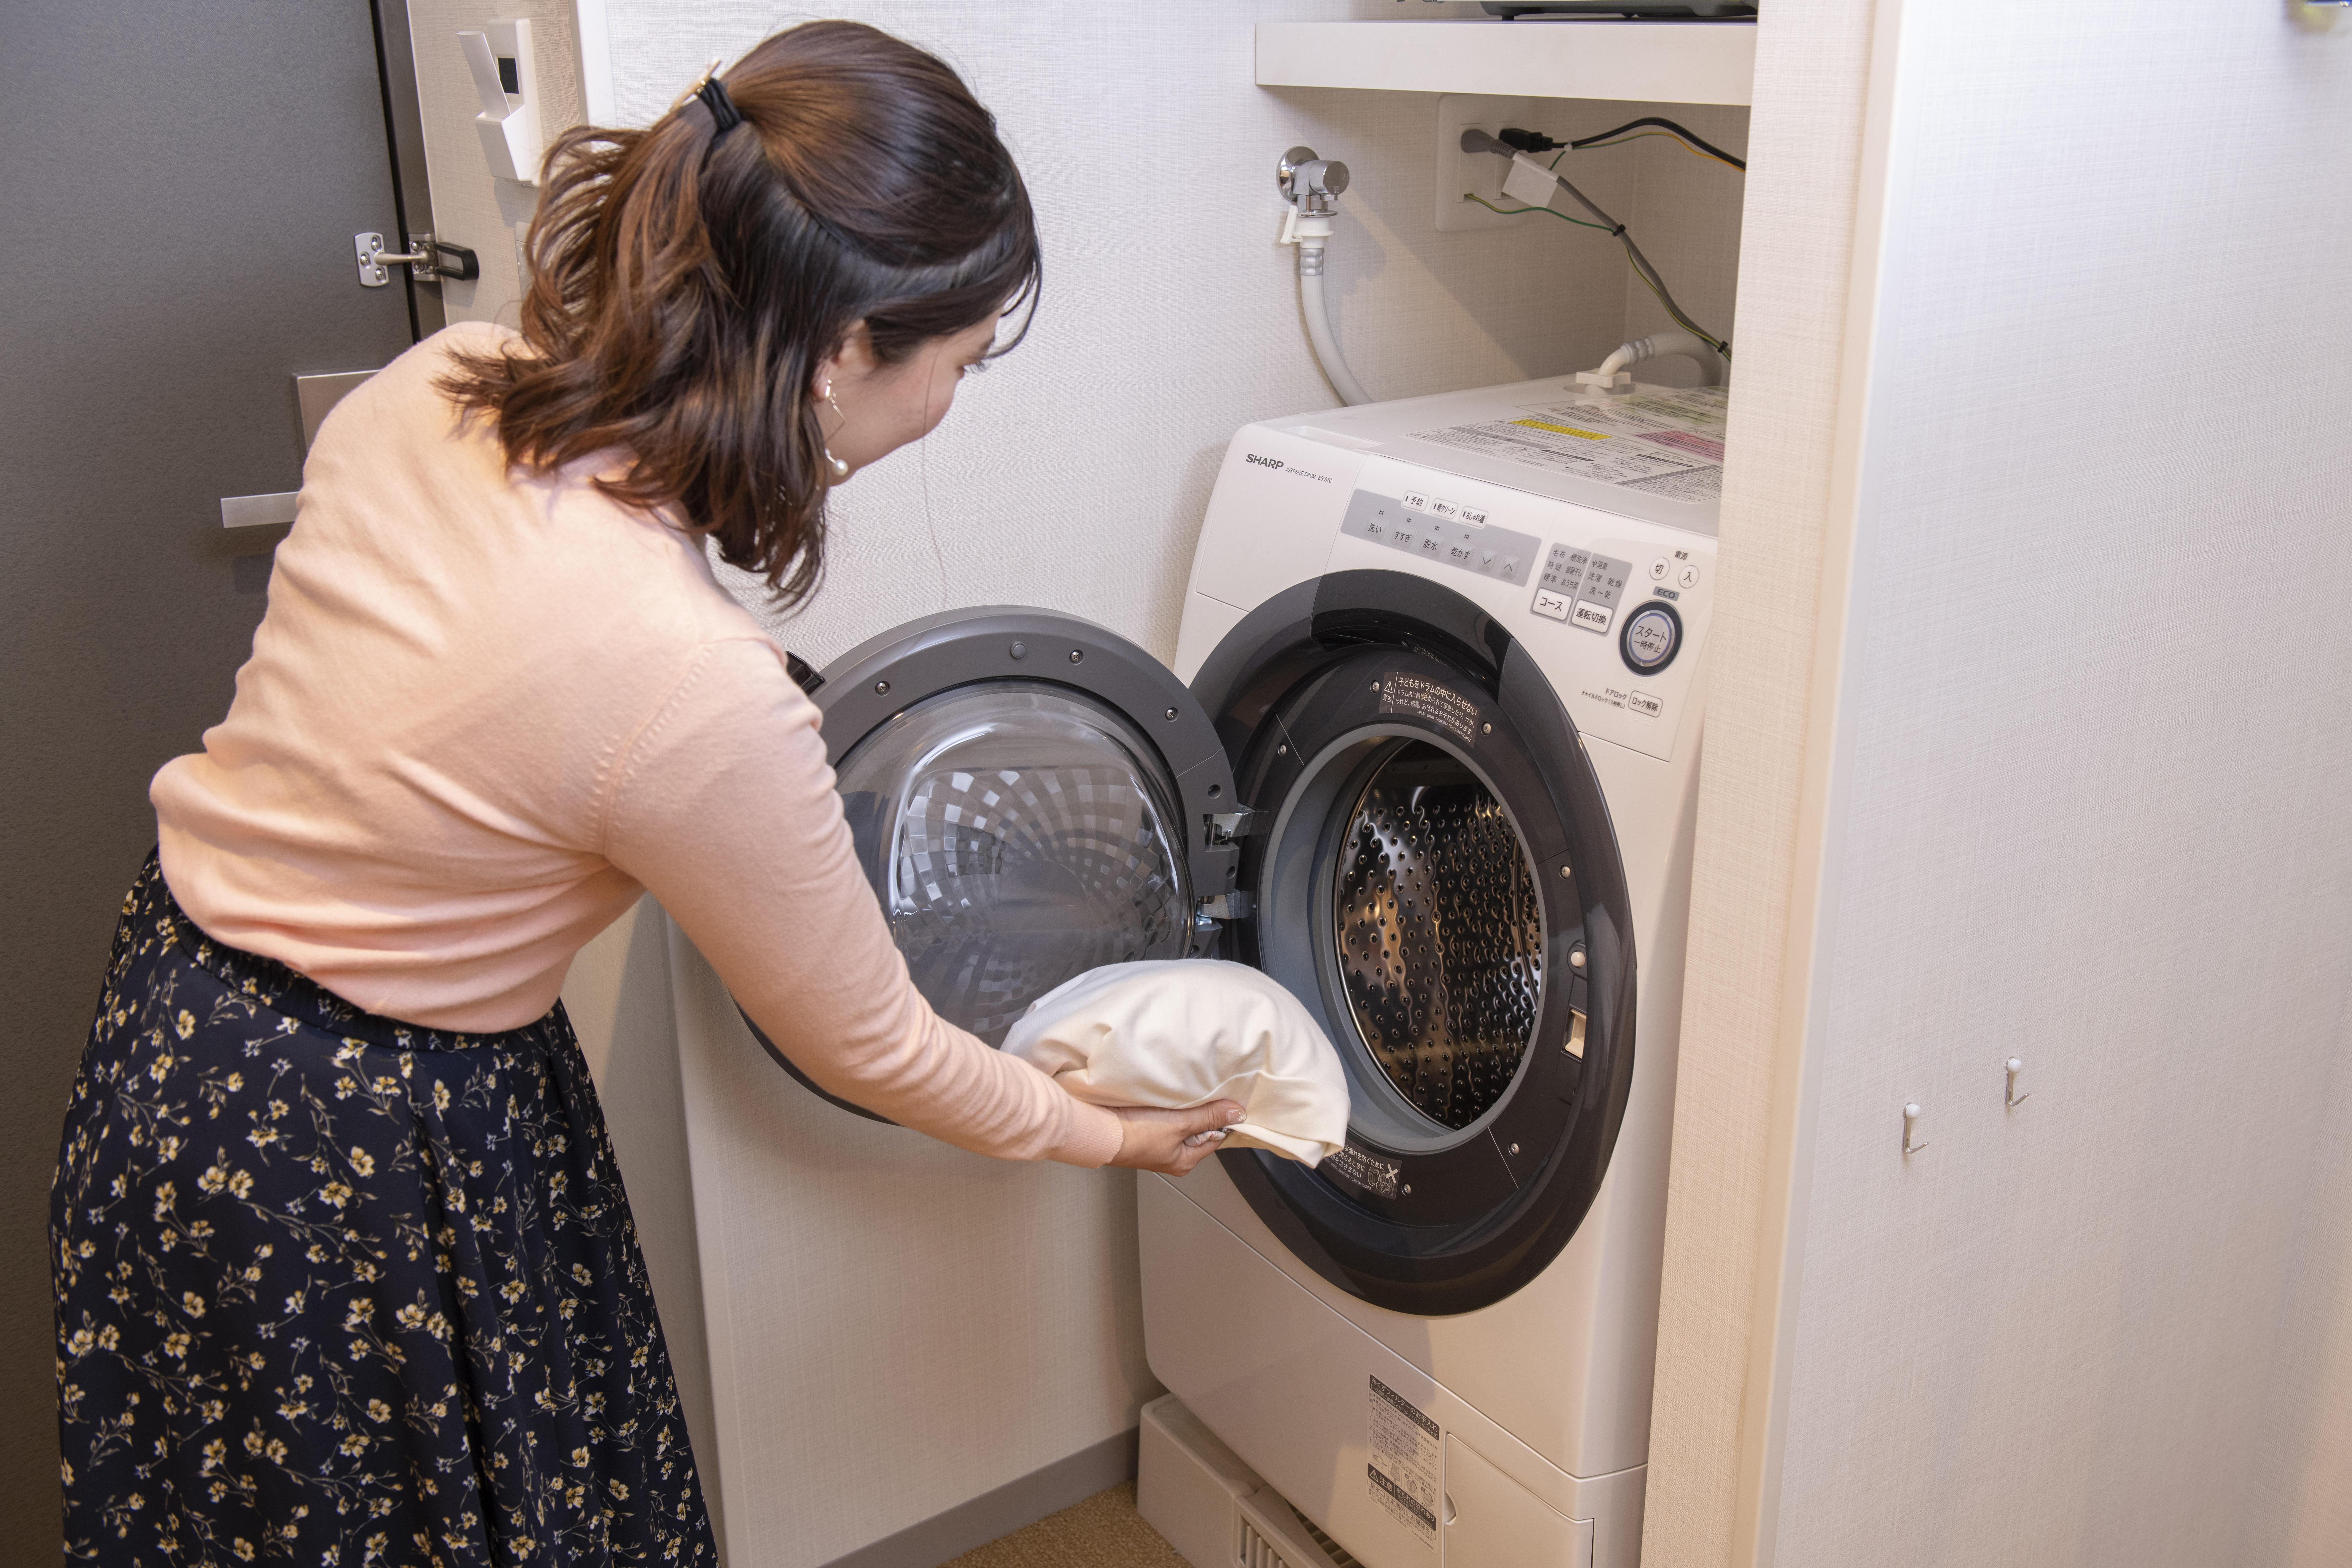 洗濯乾燥機モデル利用(ピンク)7053.jpg